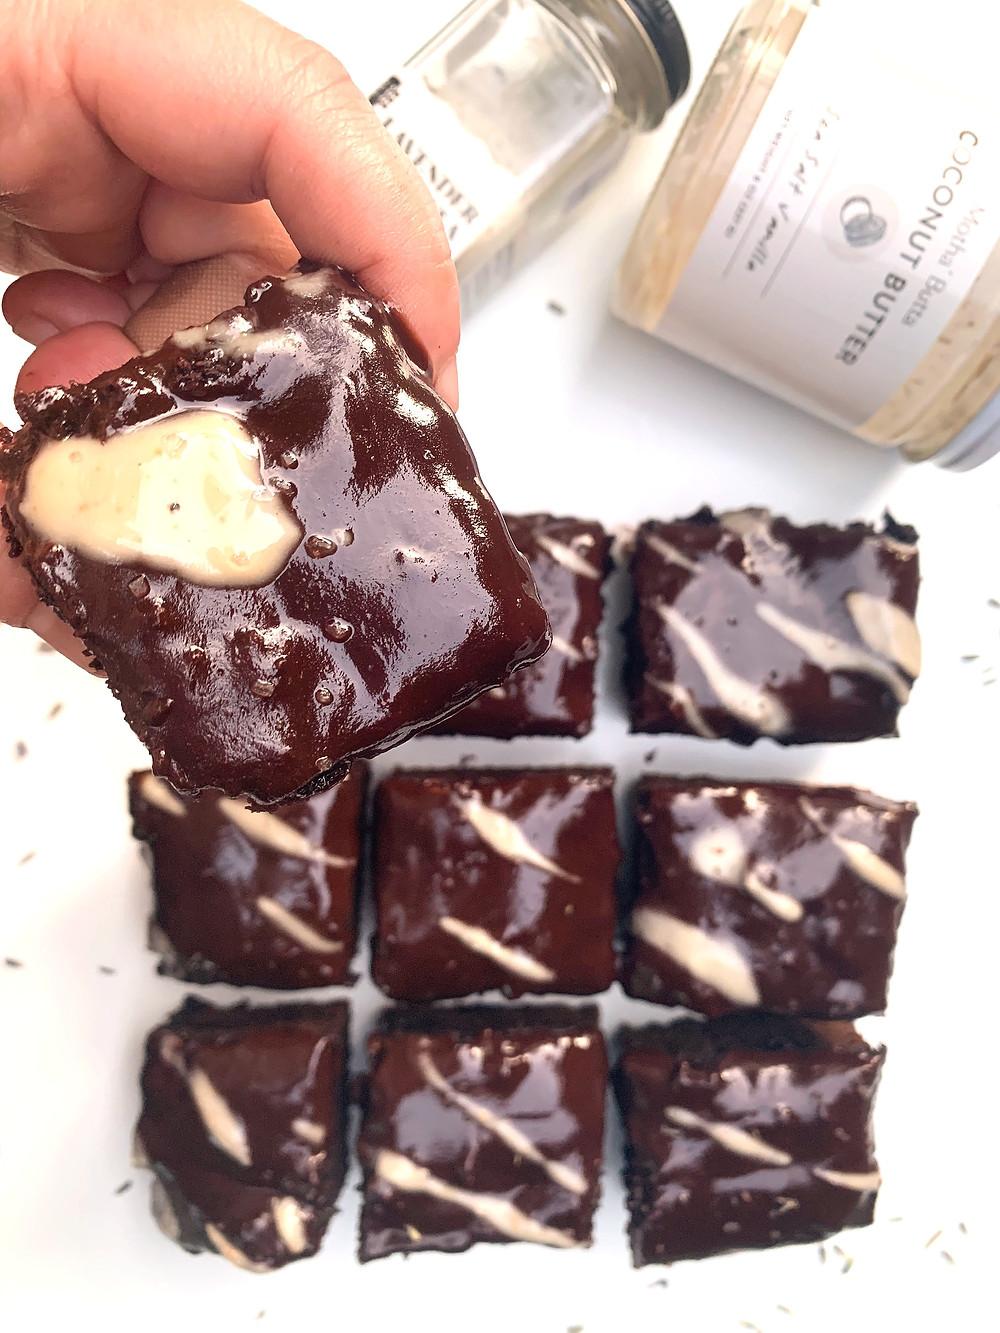 Paleo, Dairy free Chocolate Ganache